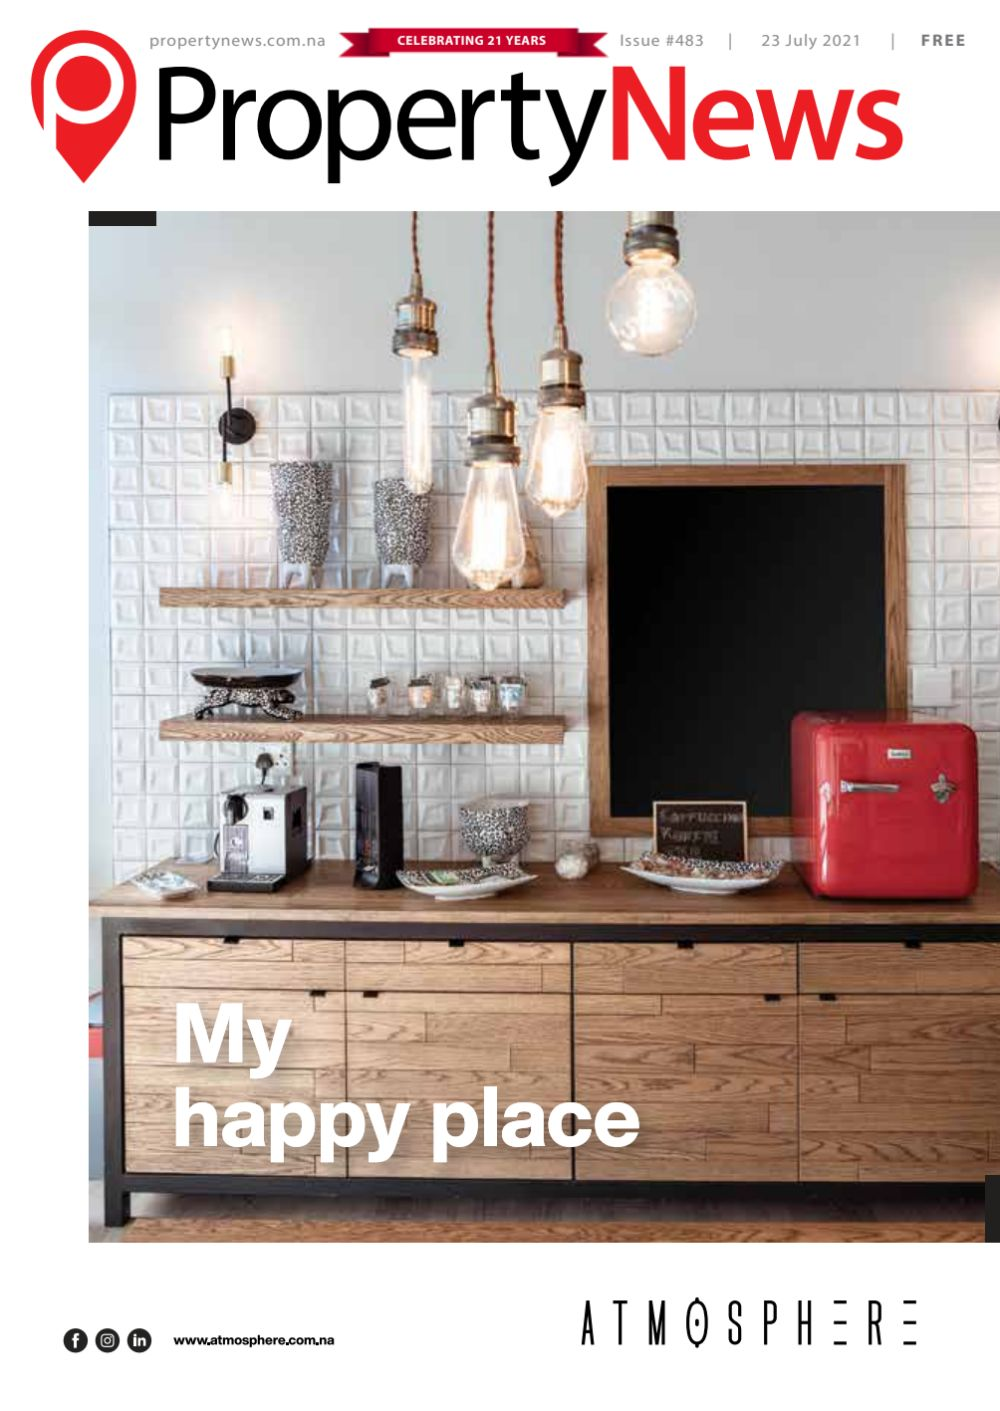 Property News Namibia Magazine Issue 483 - 23 Jul 2021